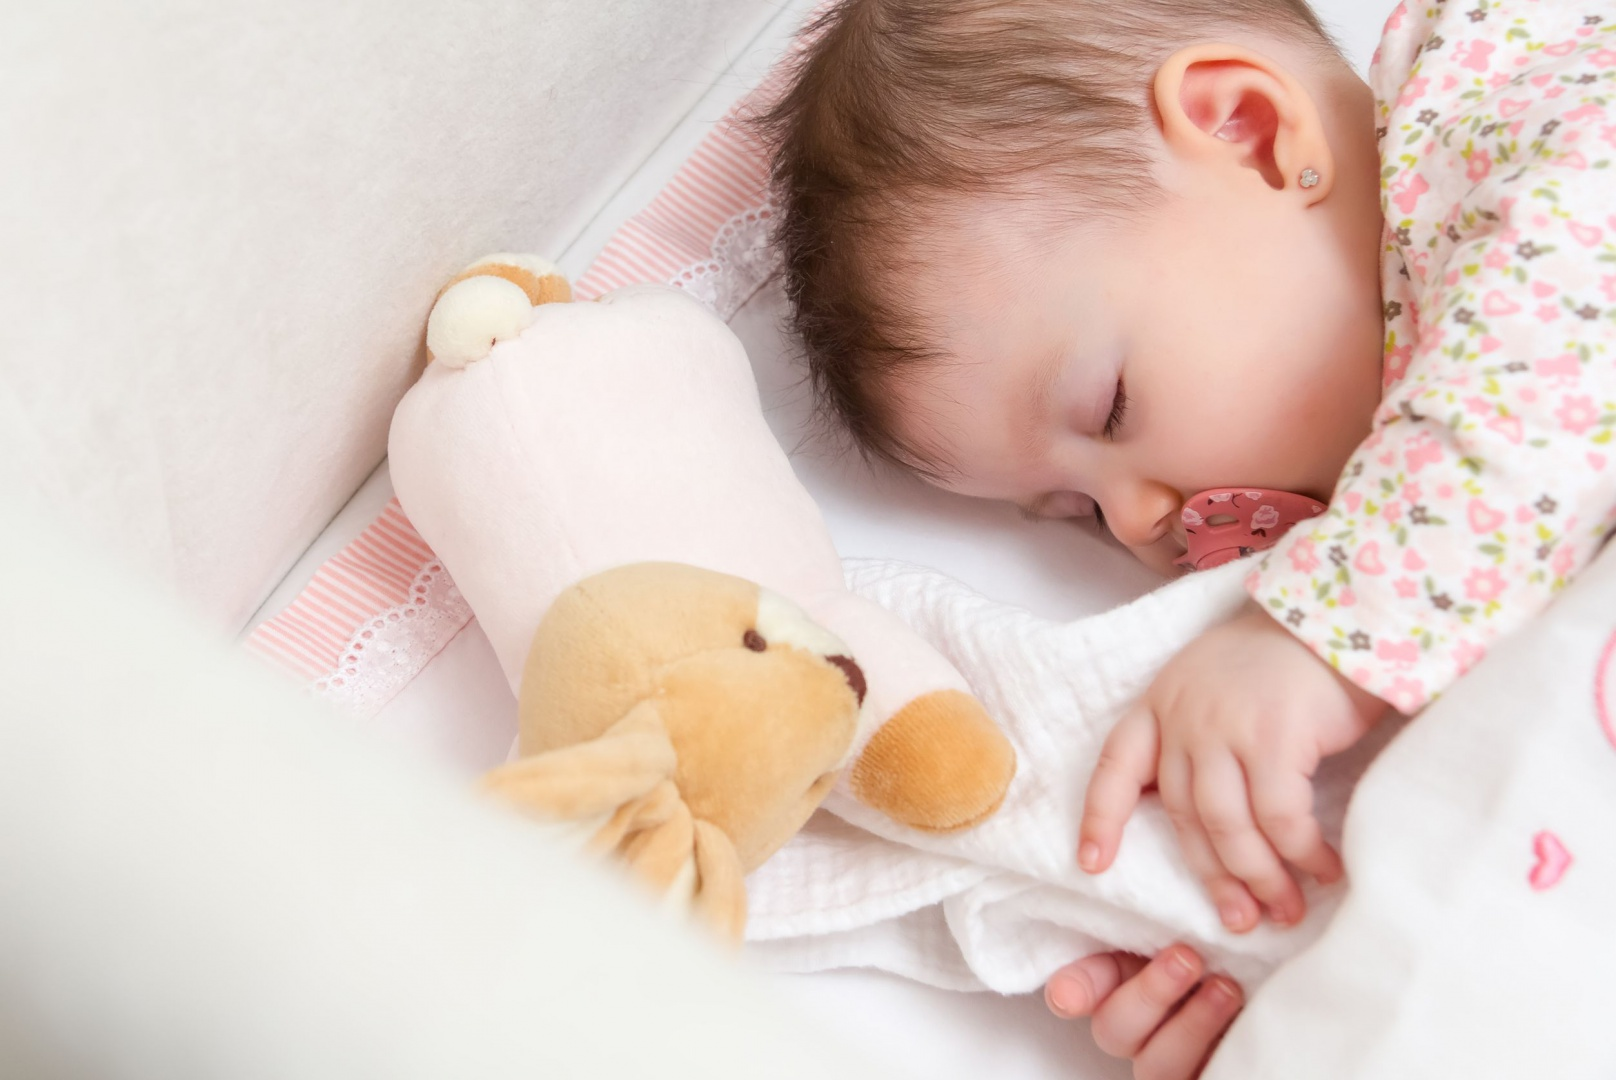 Materac dla dziecka. Fot. Fabryka Materacy Janpol